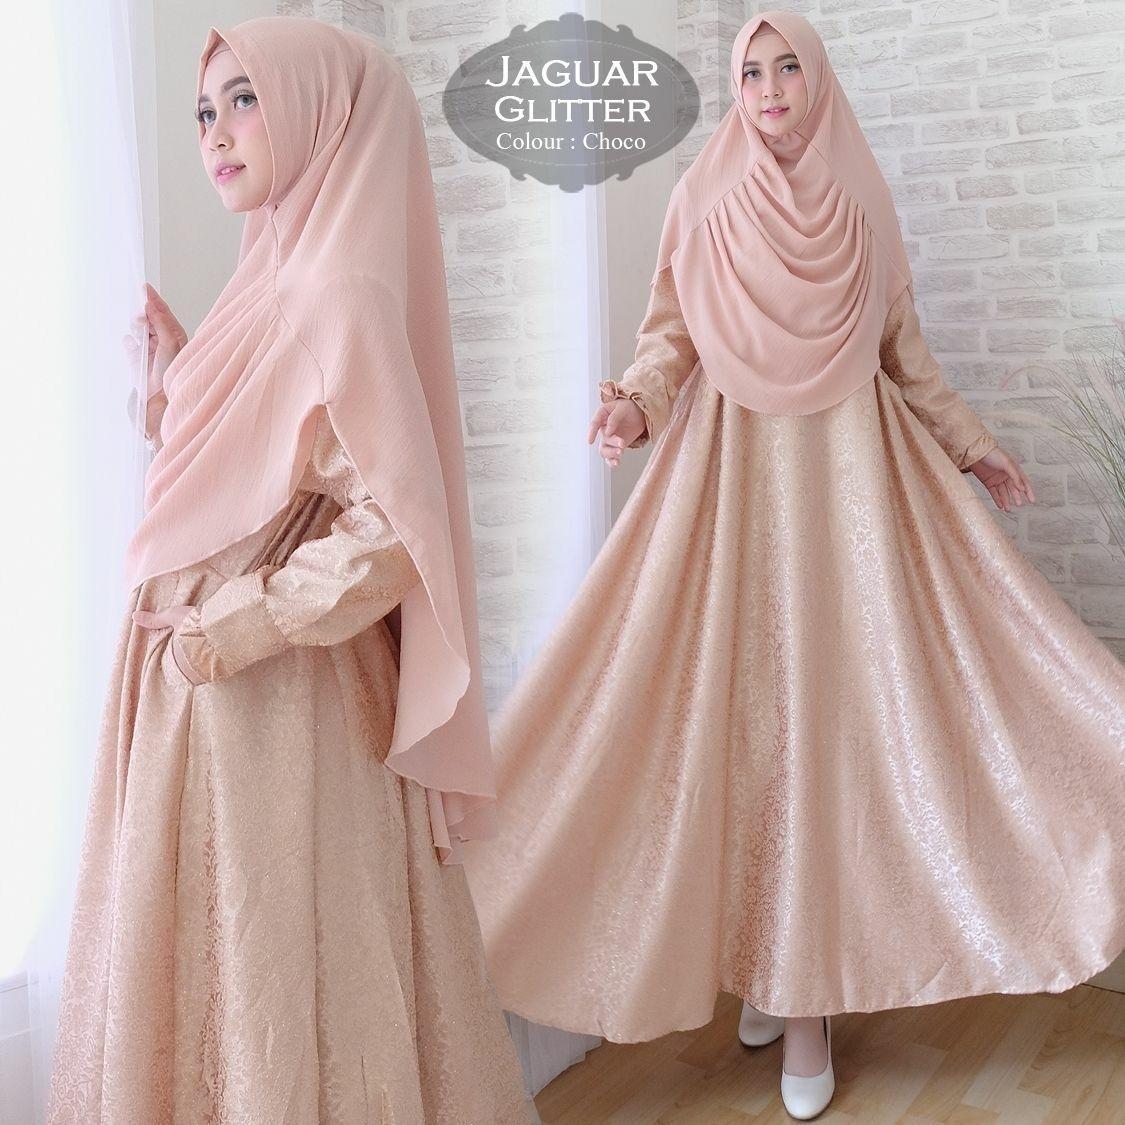 Baju Gamis Muslim Syari Fashionable - Gamis Syari Jaguar Gliter